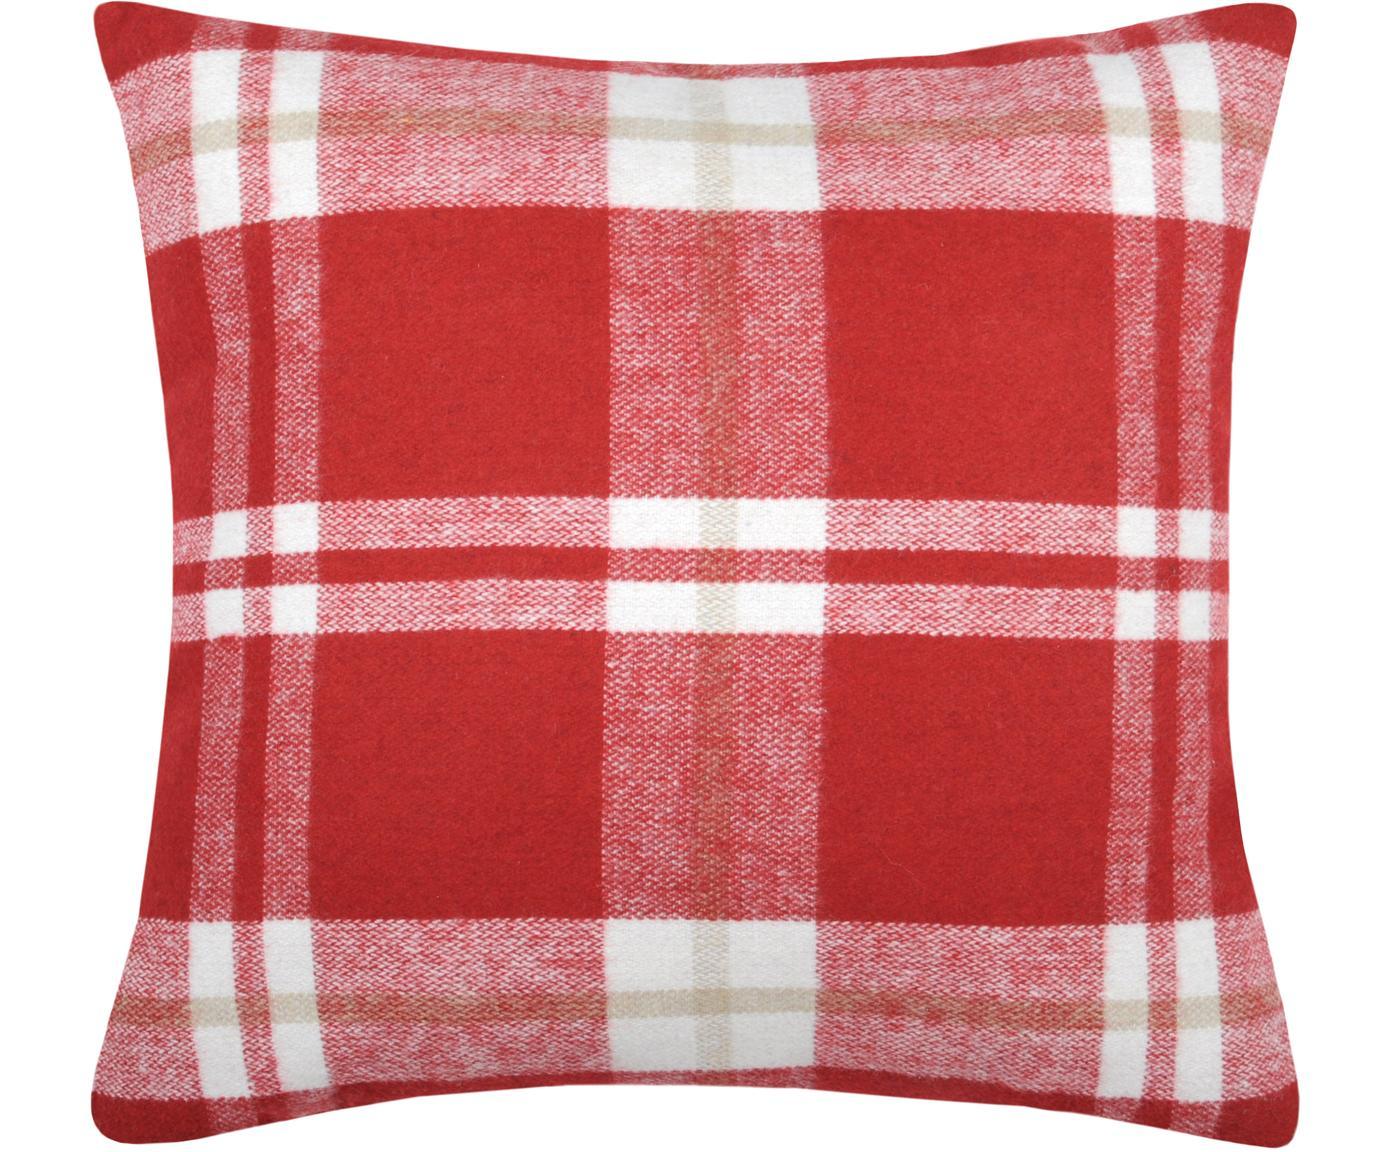 Poszewka na poduszkę Granier, 95% poliester, 5% wełna, Czerwony, biały, beżowy, S 40 x D 40 cm